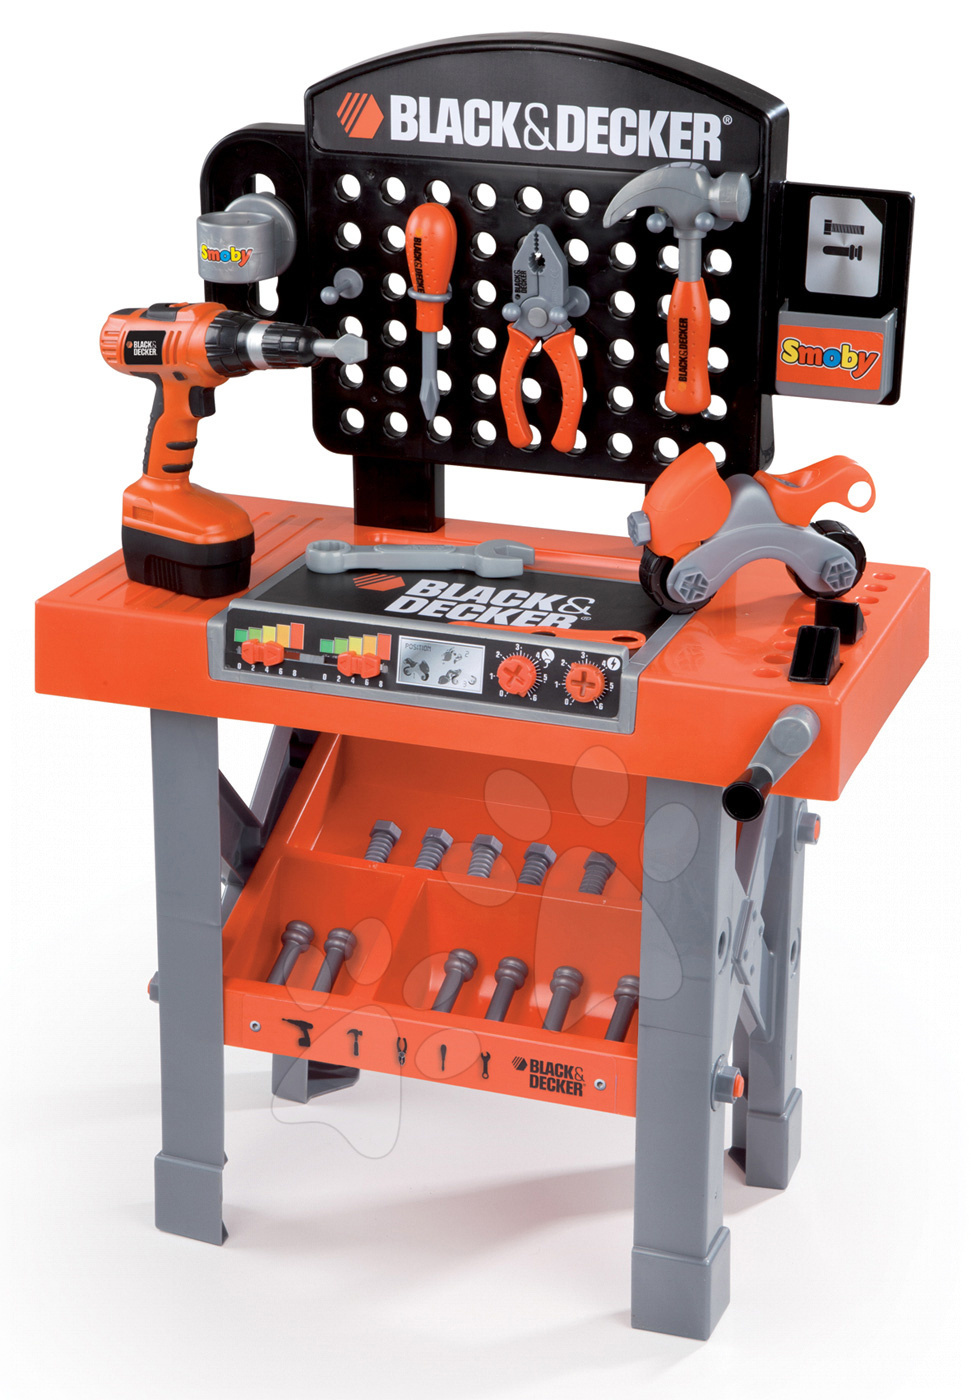 Pracovní dílna Black&Decker Smoby s mechanickou vrtačkou, motorkou a 25 doplňky